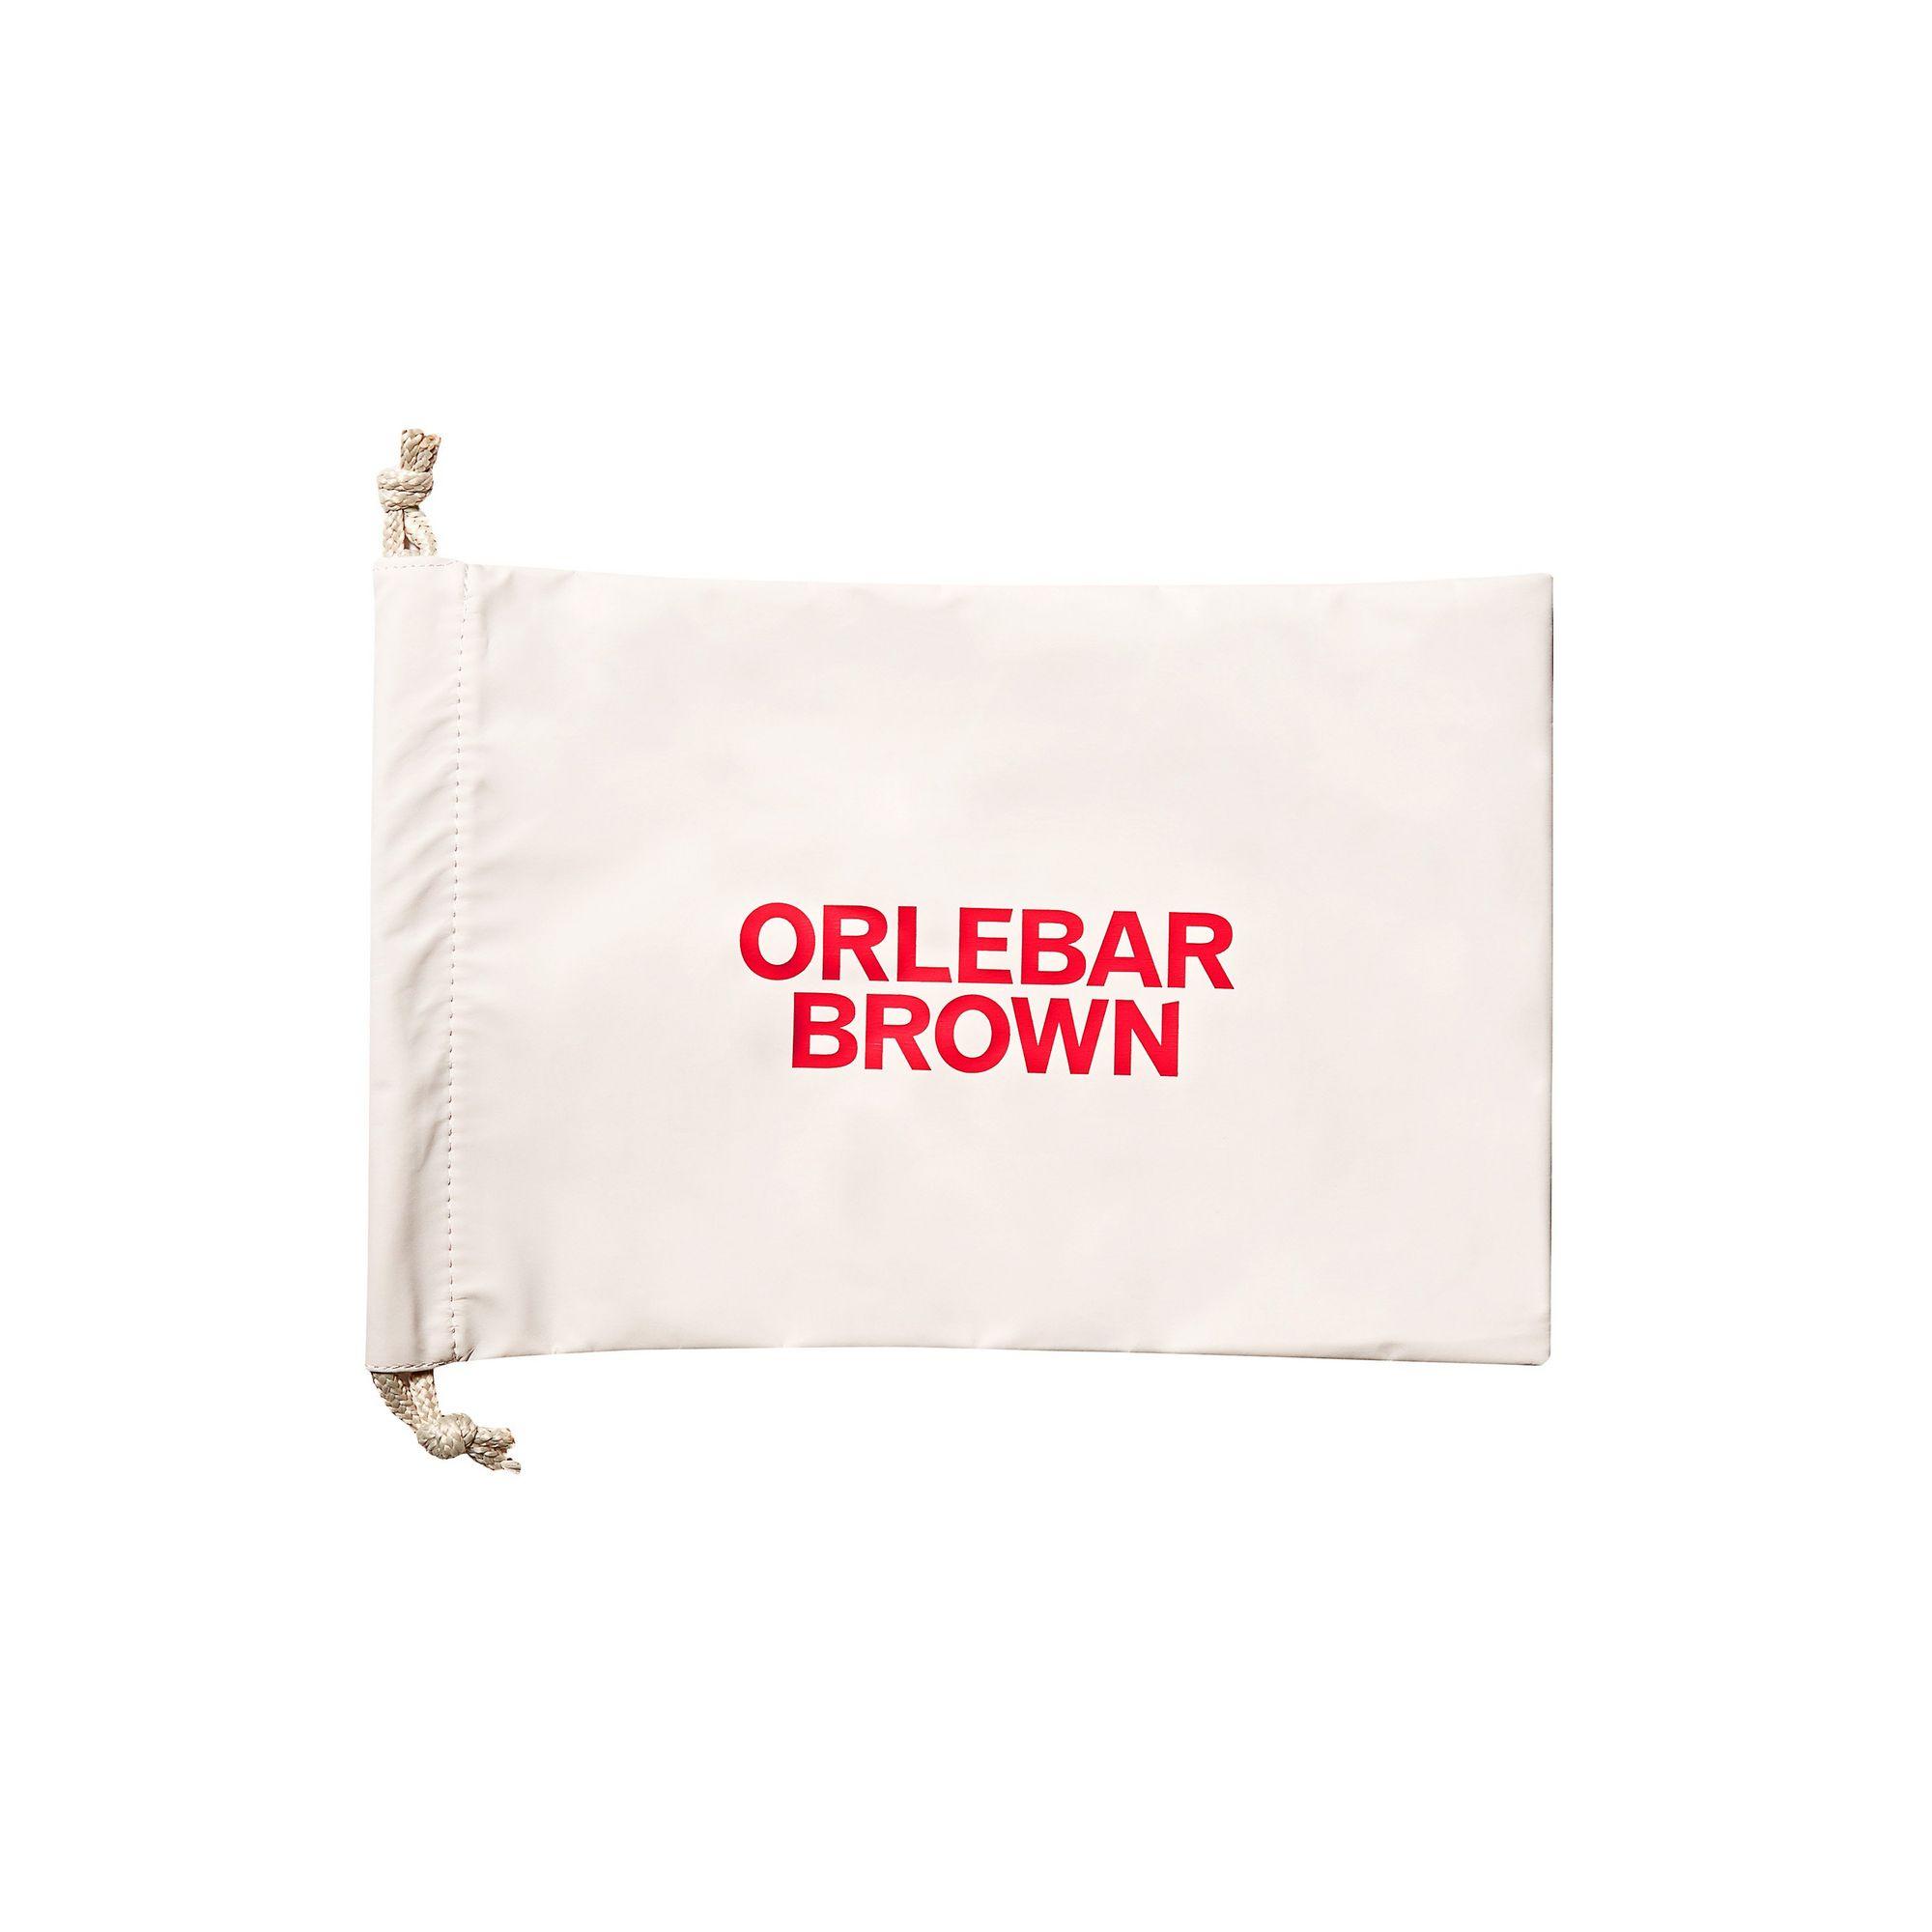 Orlebar Brown Thunderball Swimshort